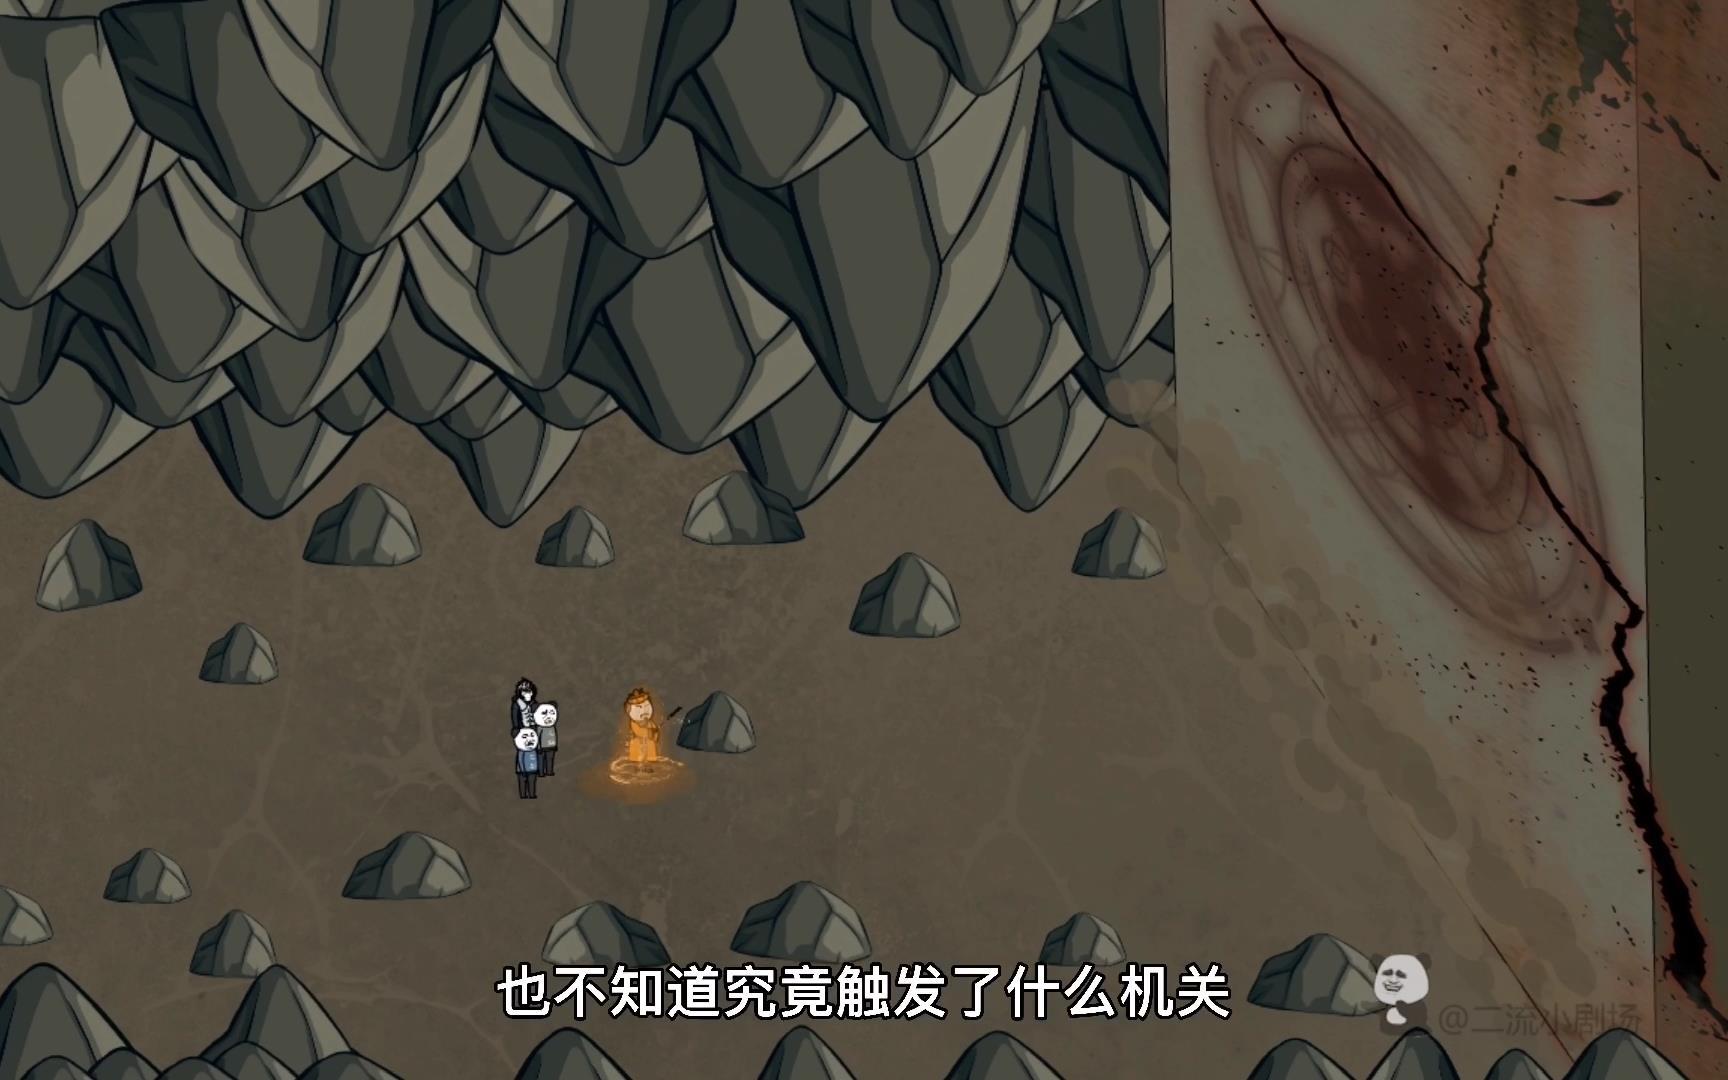 【阴阳墓-56】青铜古门拦住去路,纸人进入古门遭遇险境。